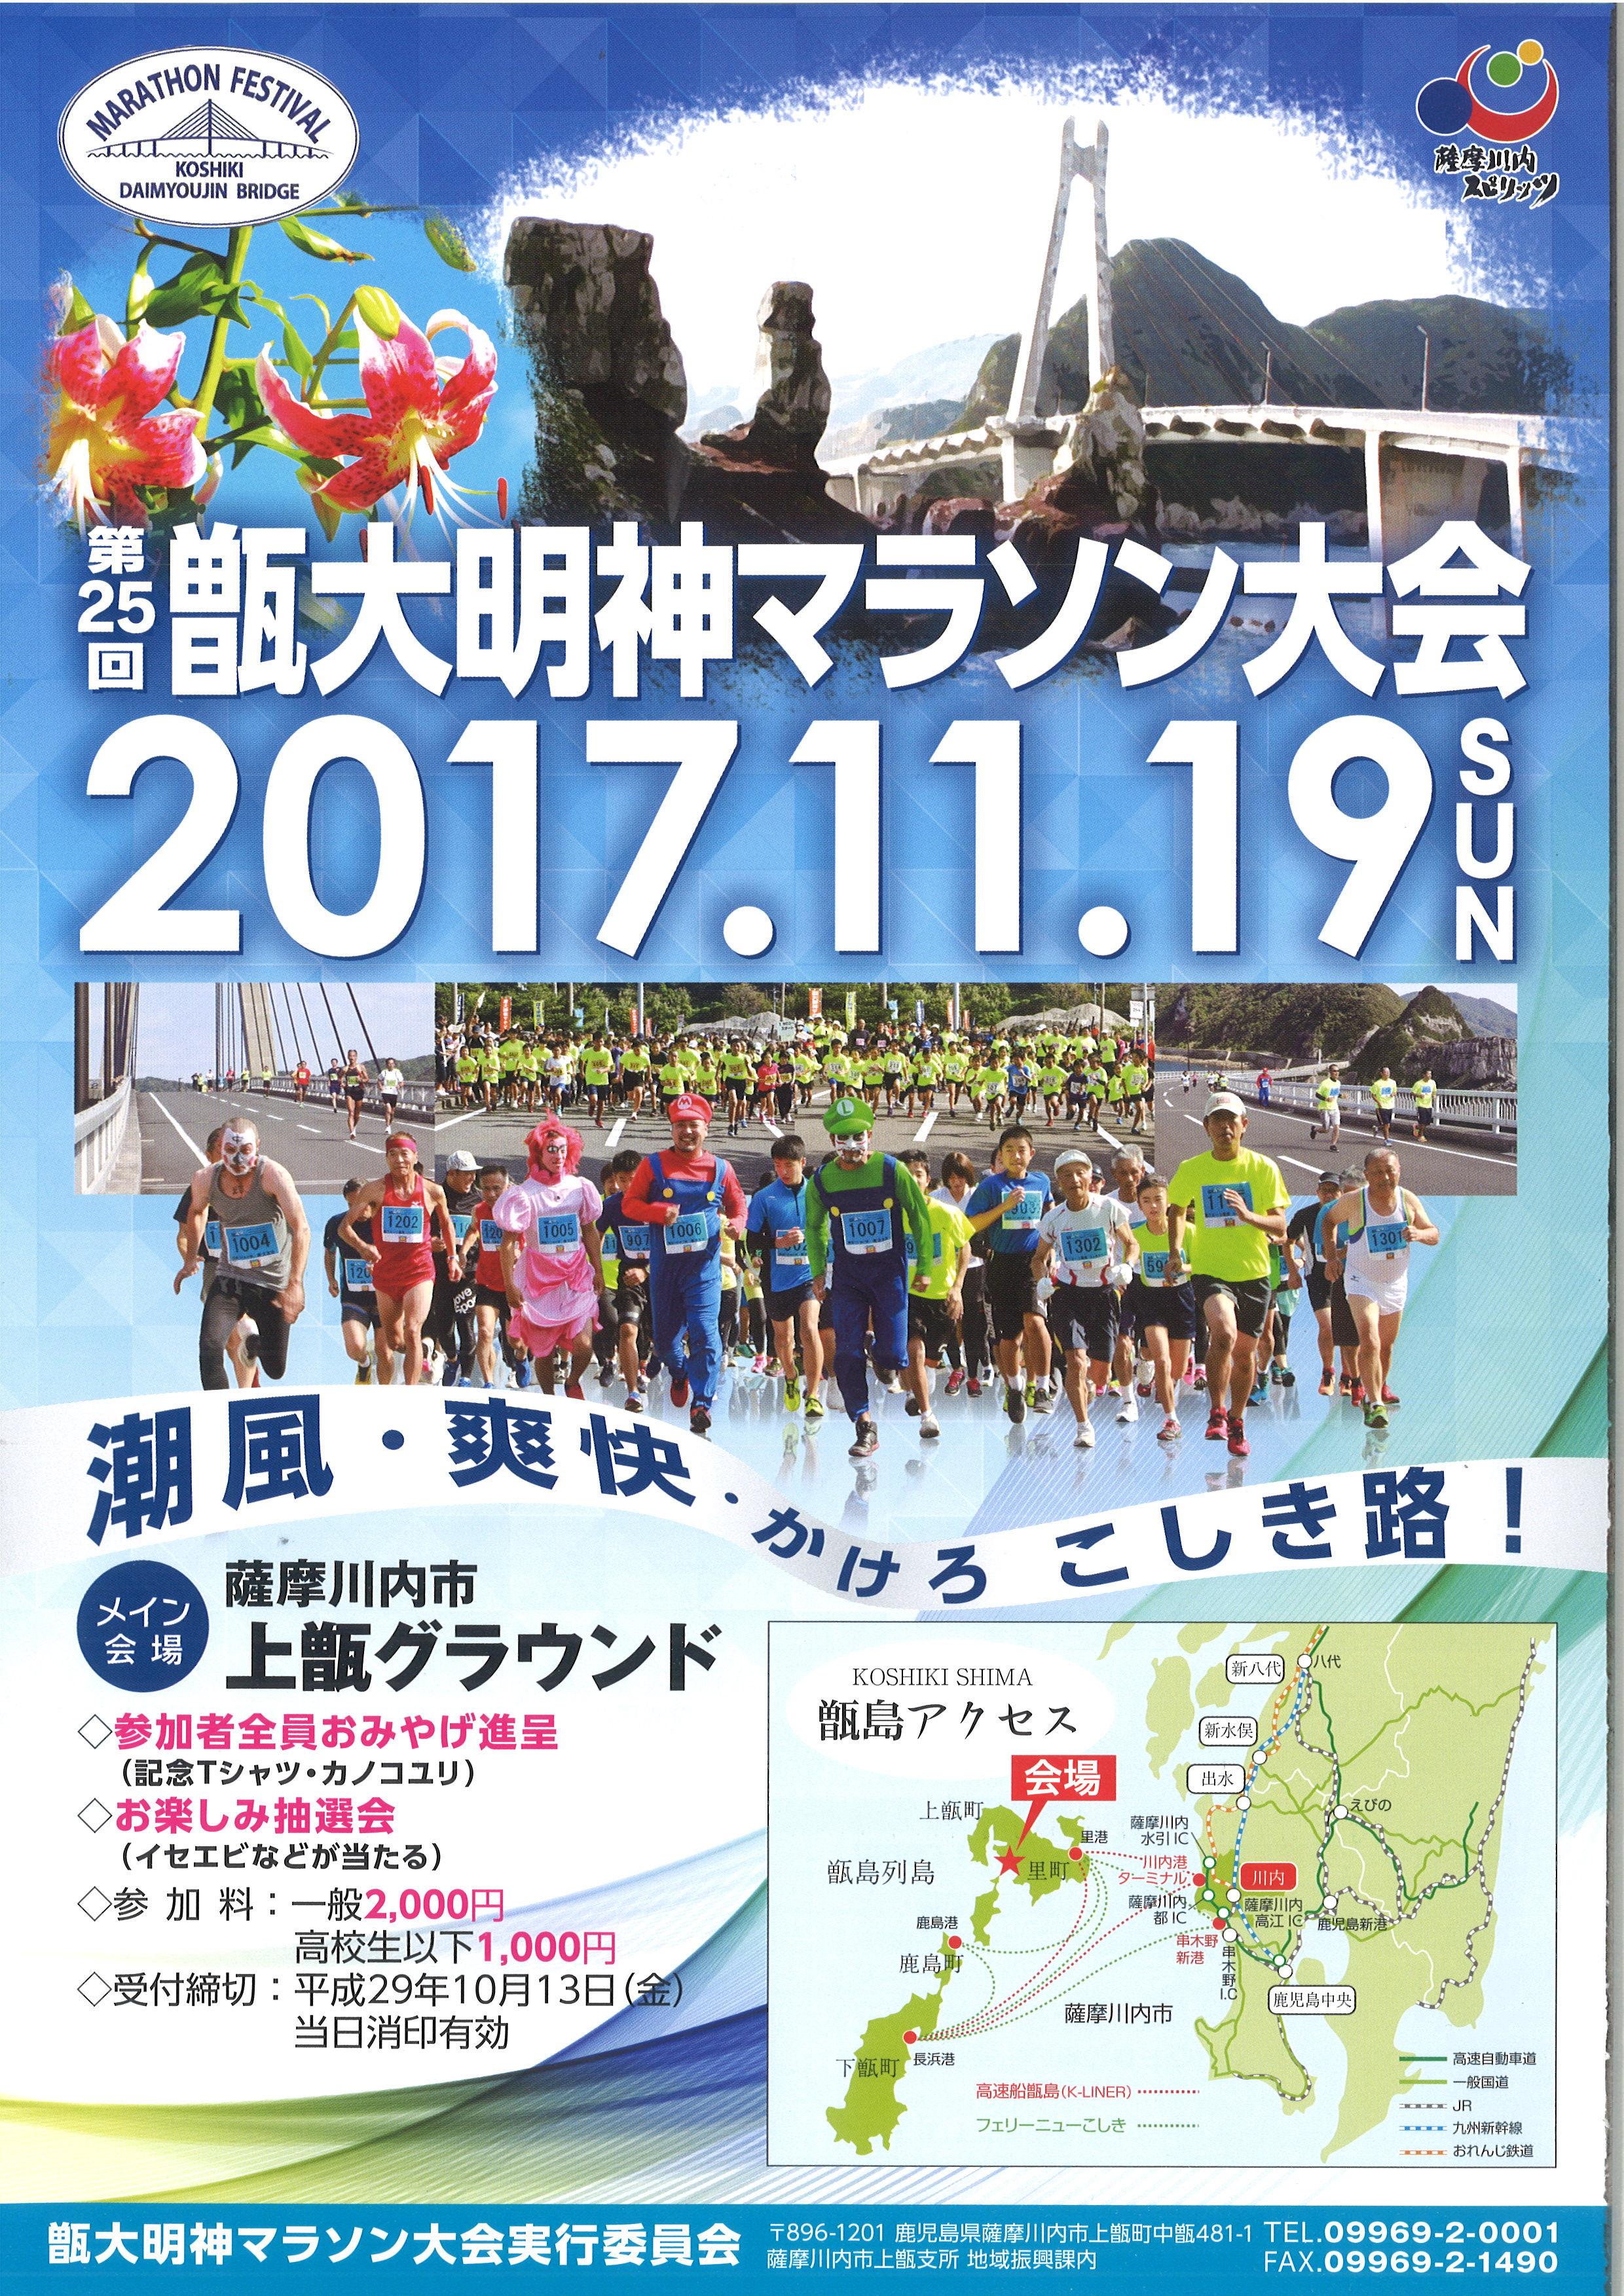 第25回甑大明神マラソン大会 参加者募集!!